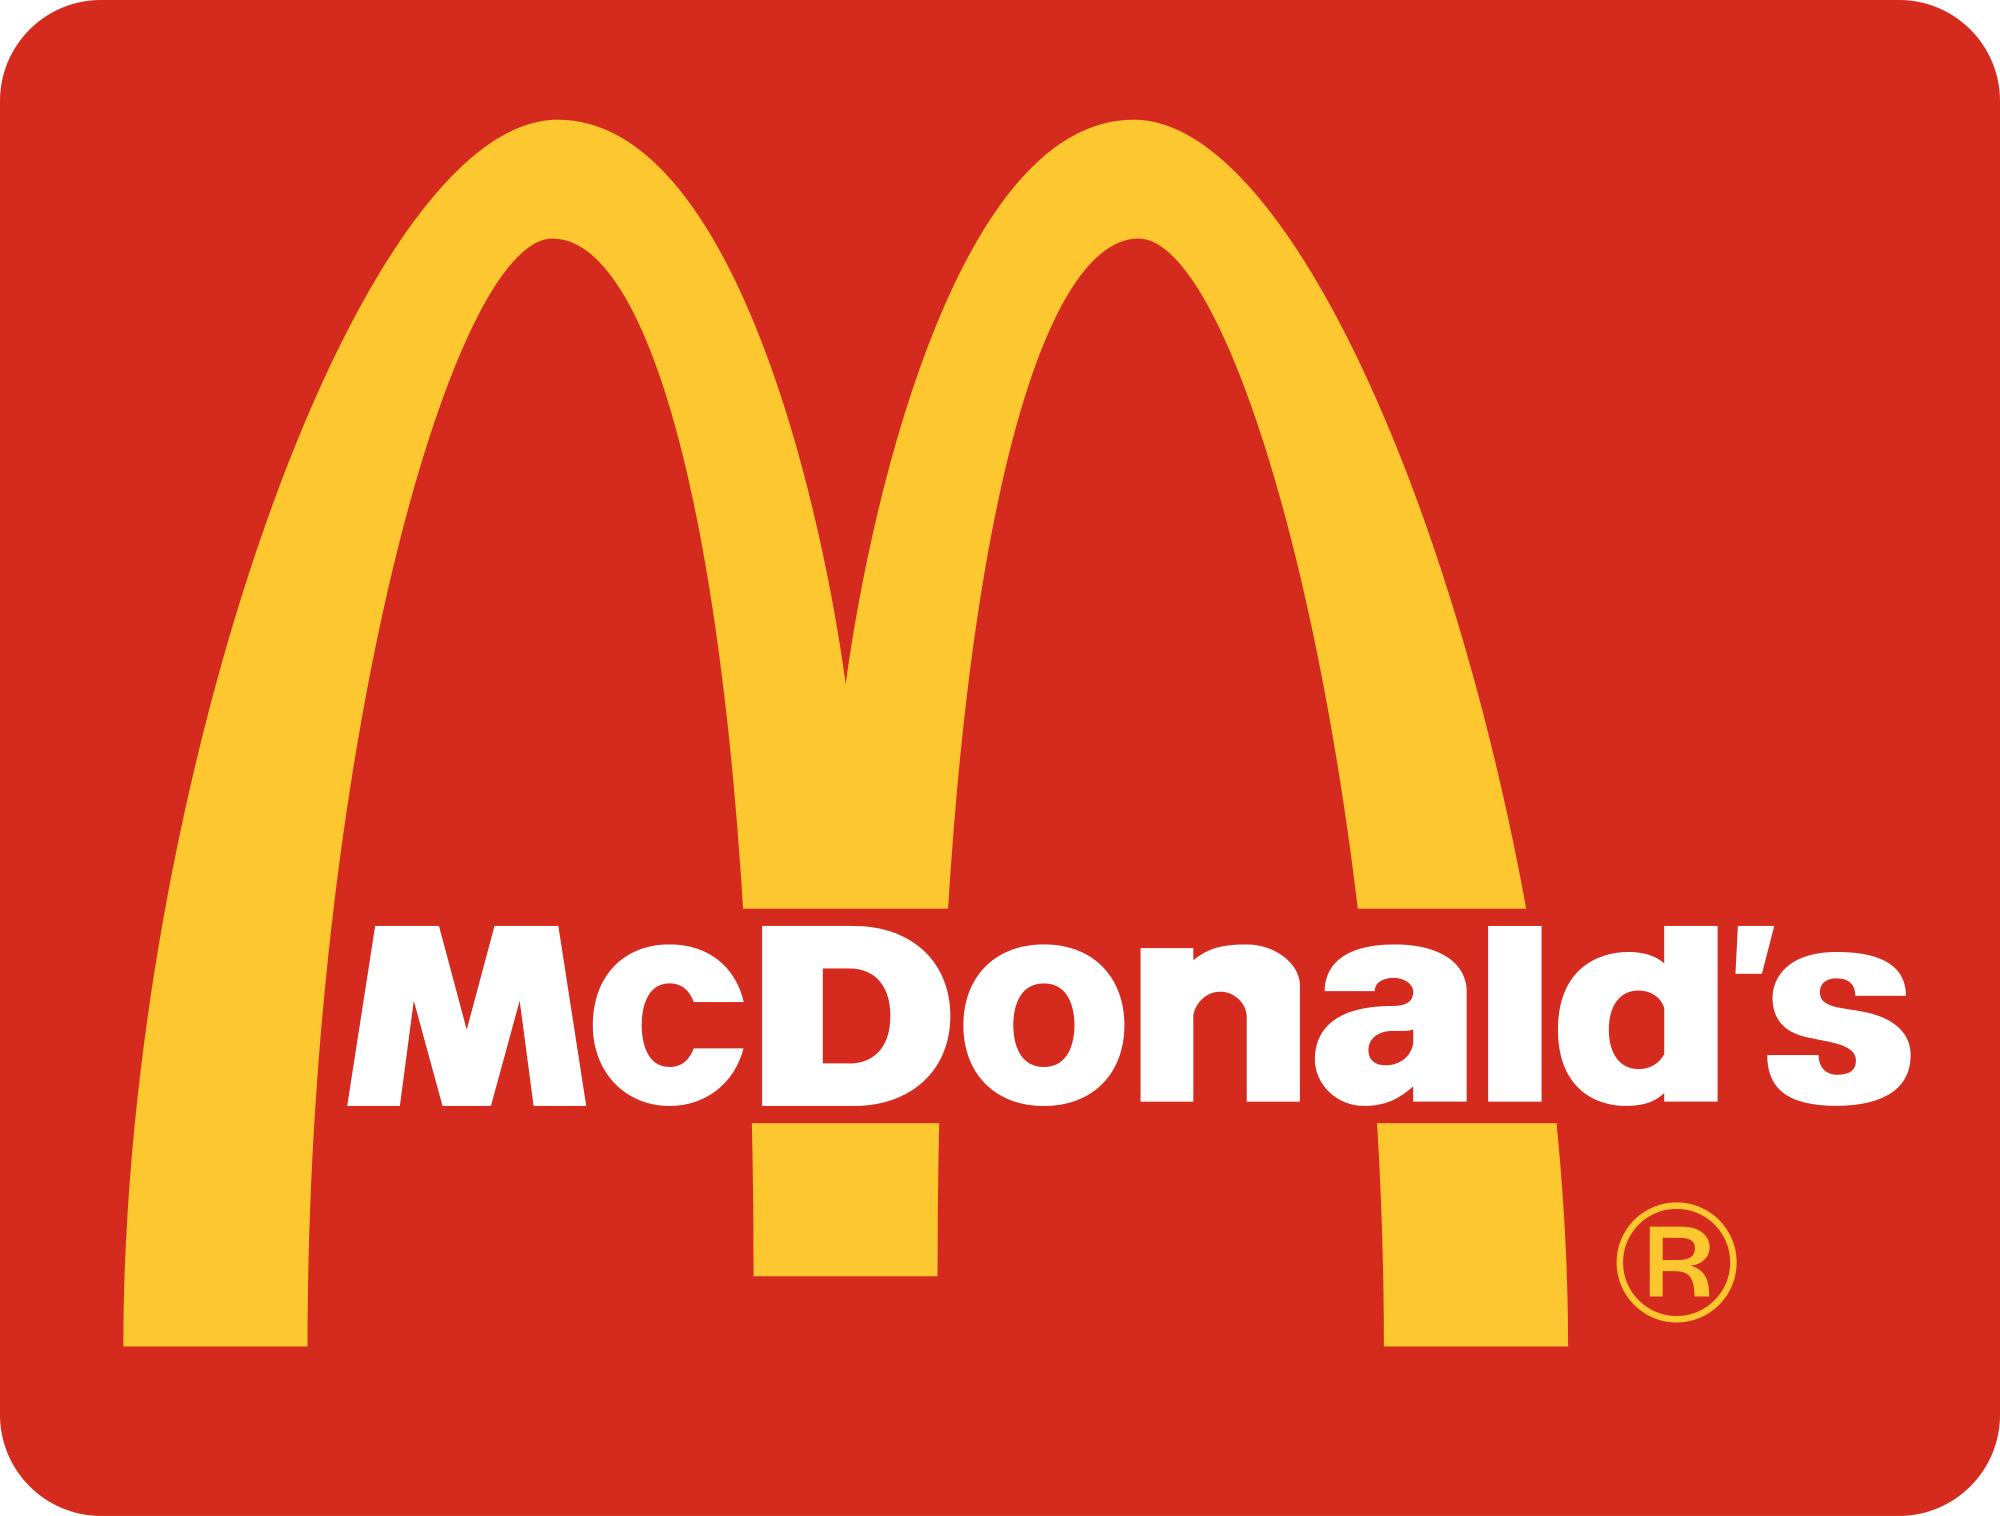 McDonalds] Getränke Flatrate Softdrink oder Kaffee - mydealz.de